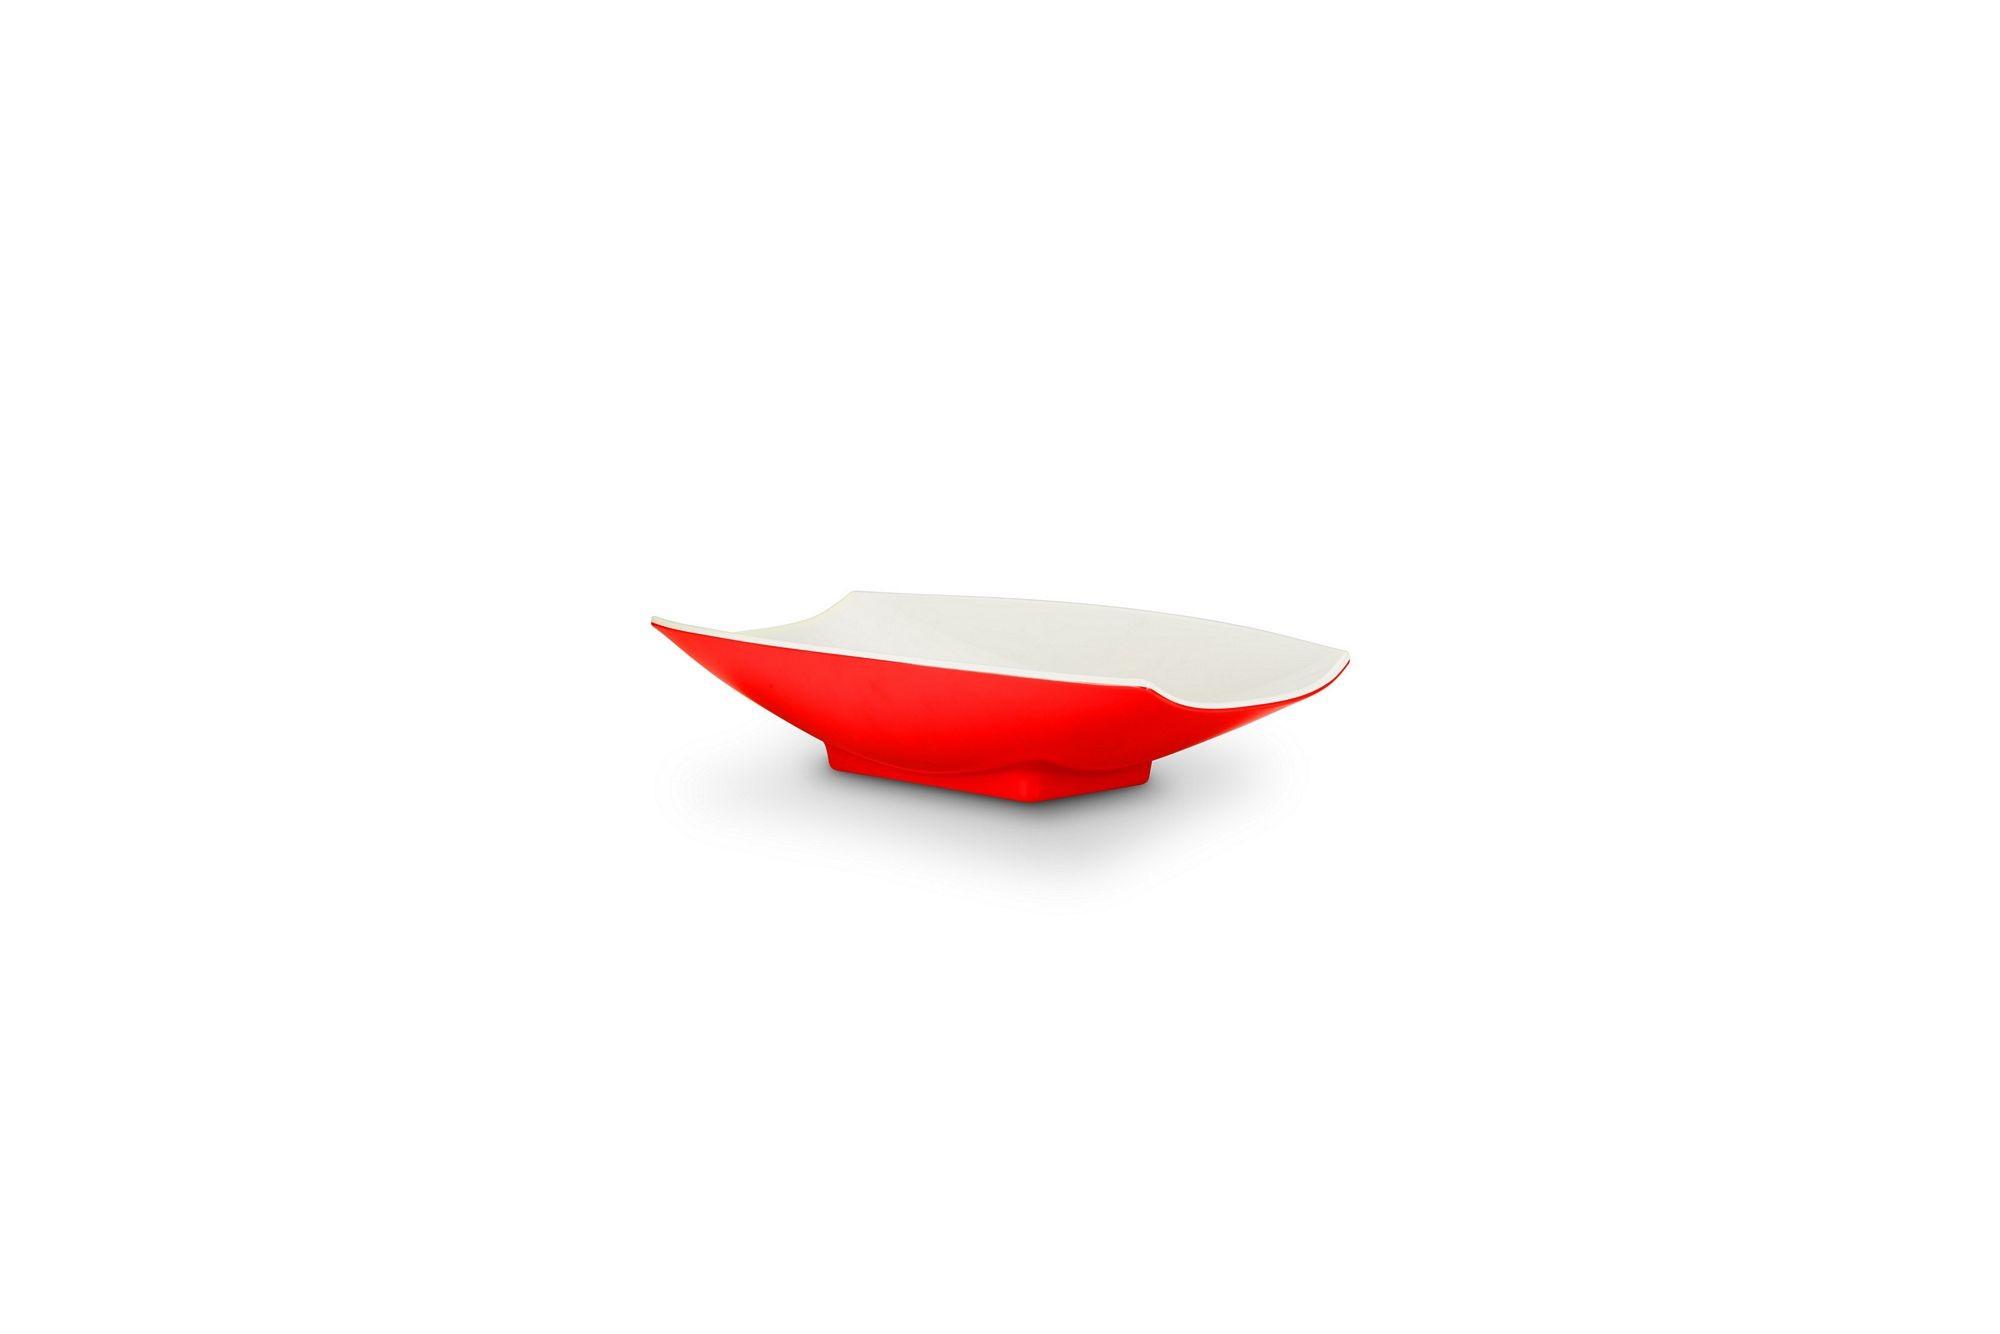 Bon Chef 53701-2ToneRed Melamine Curves Bowl, Red Outside/White Inside 8 oz.